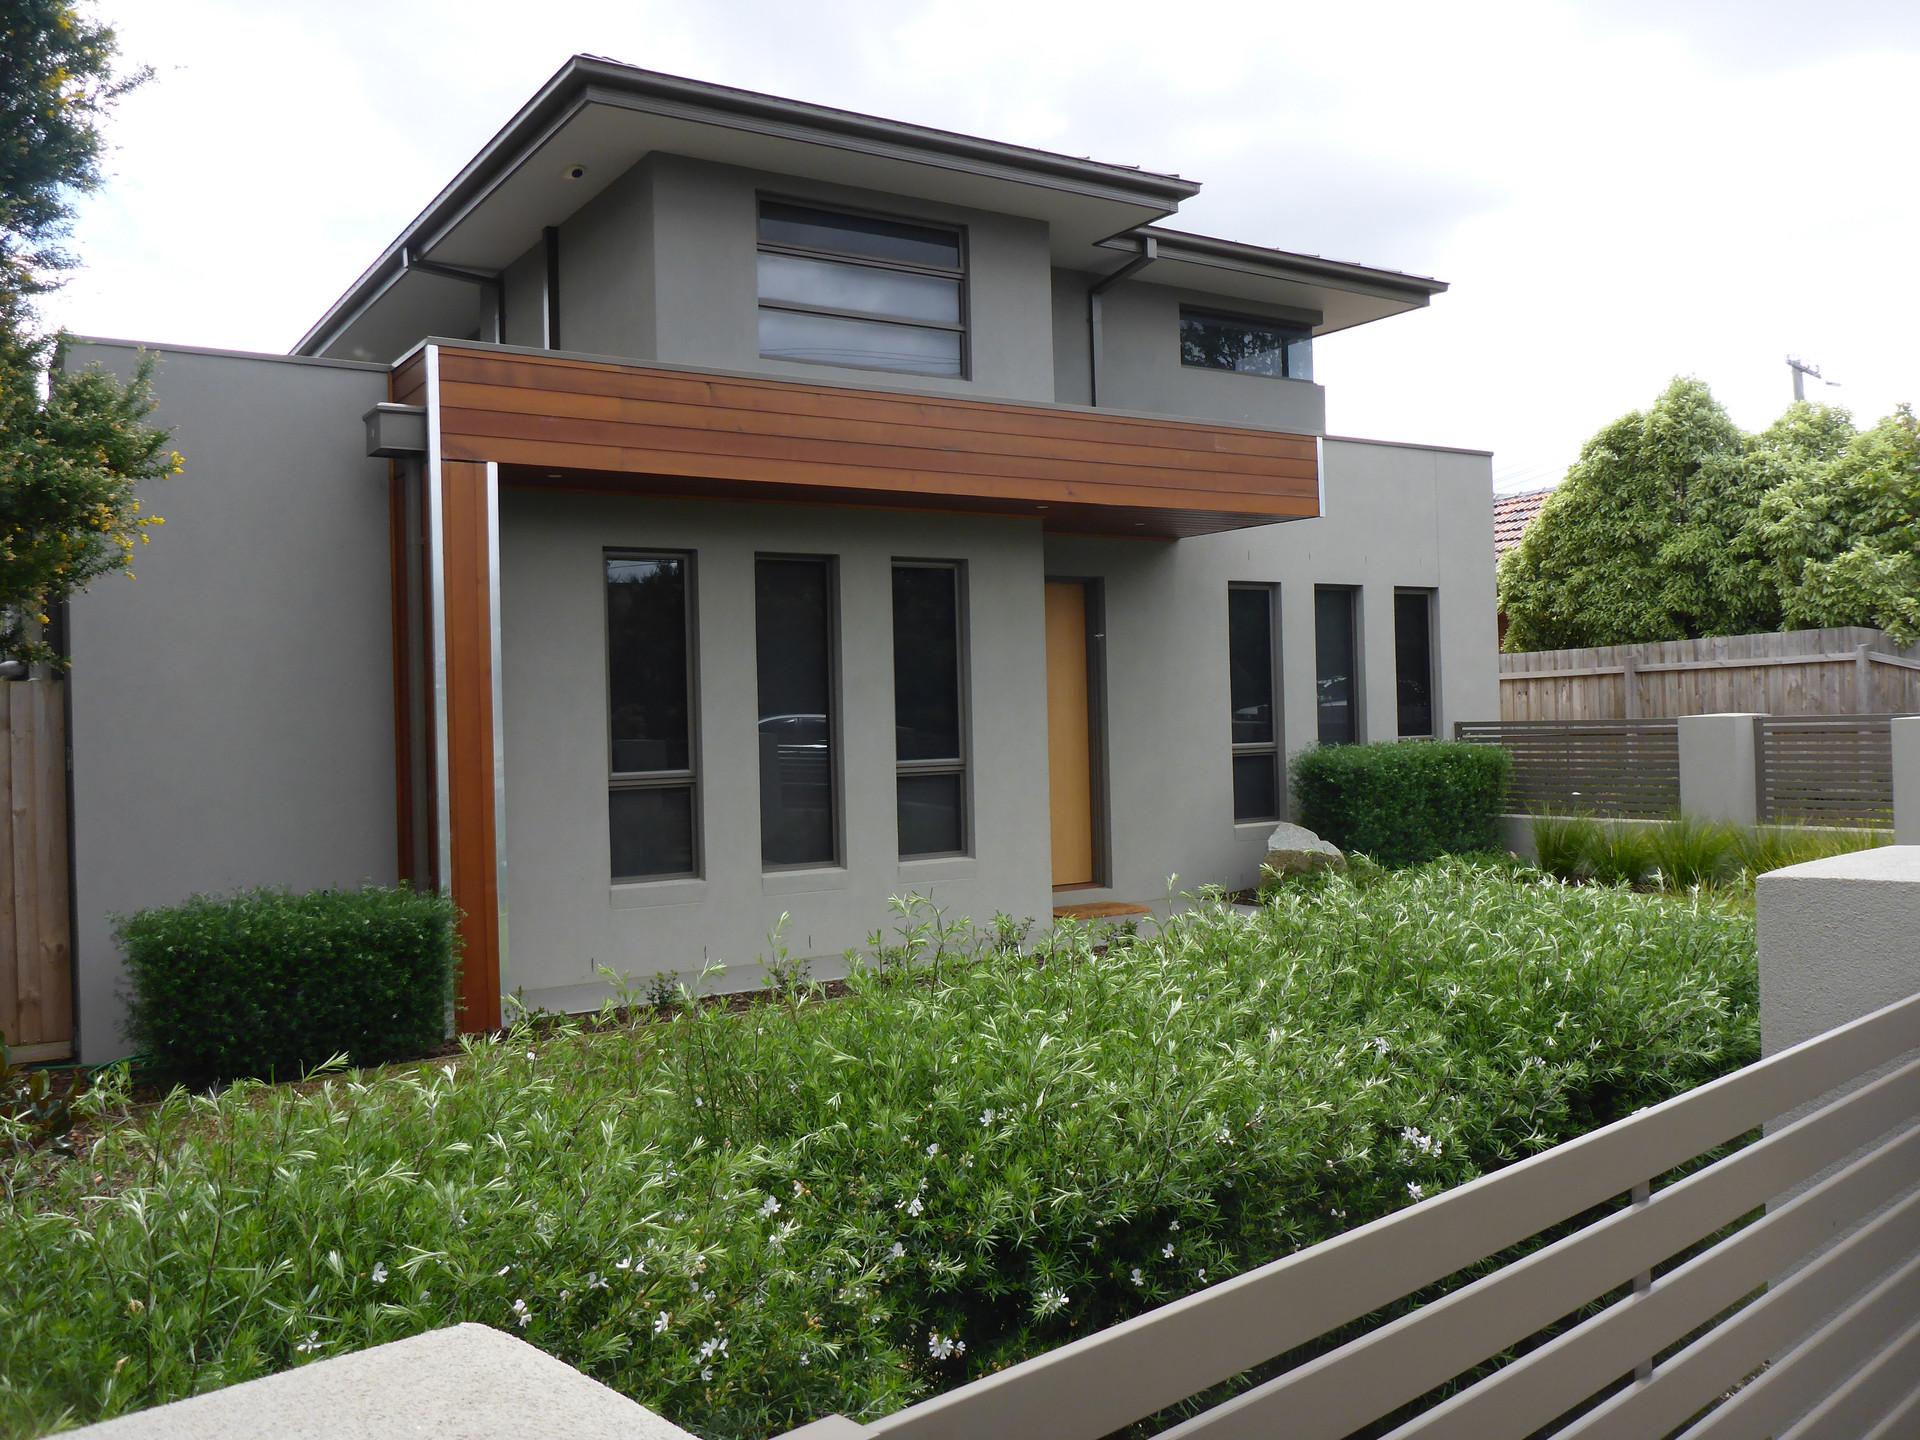 Low Budget Development Landscape Design Plan